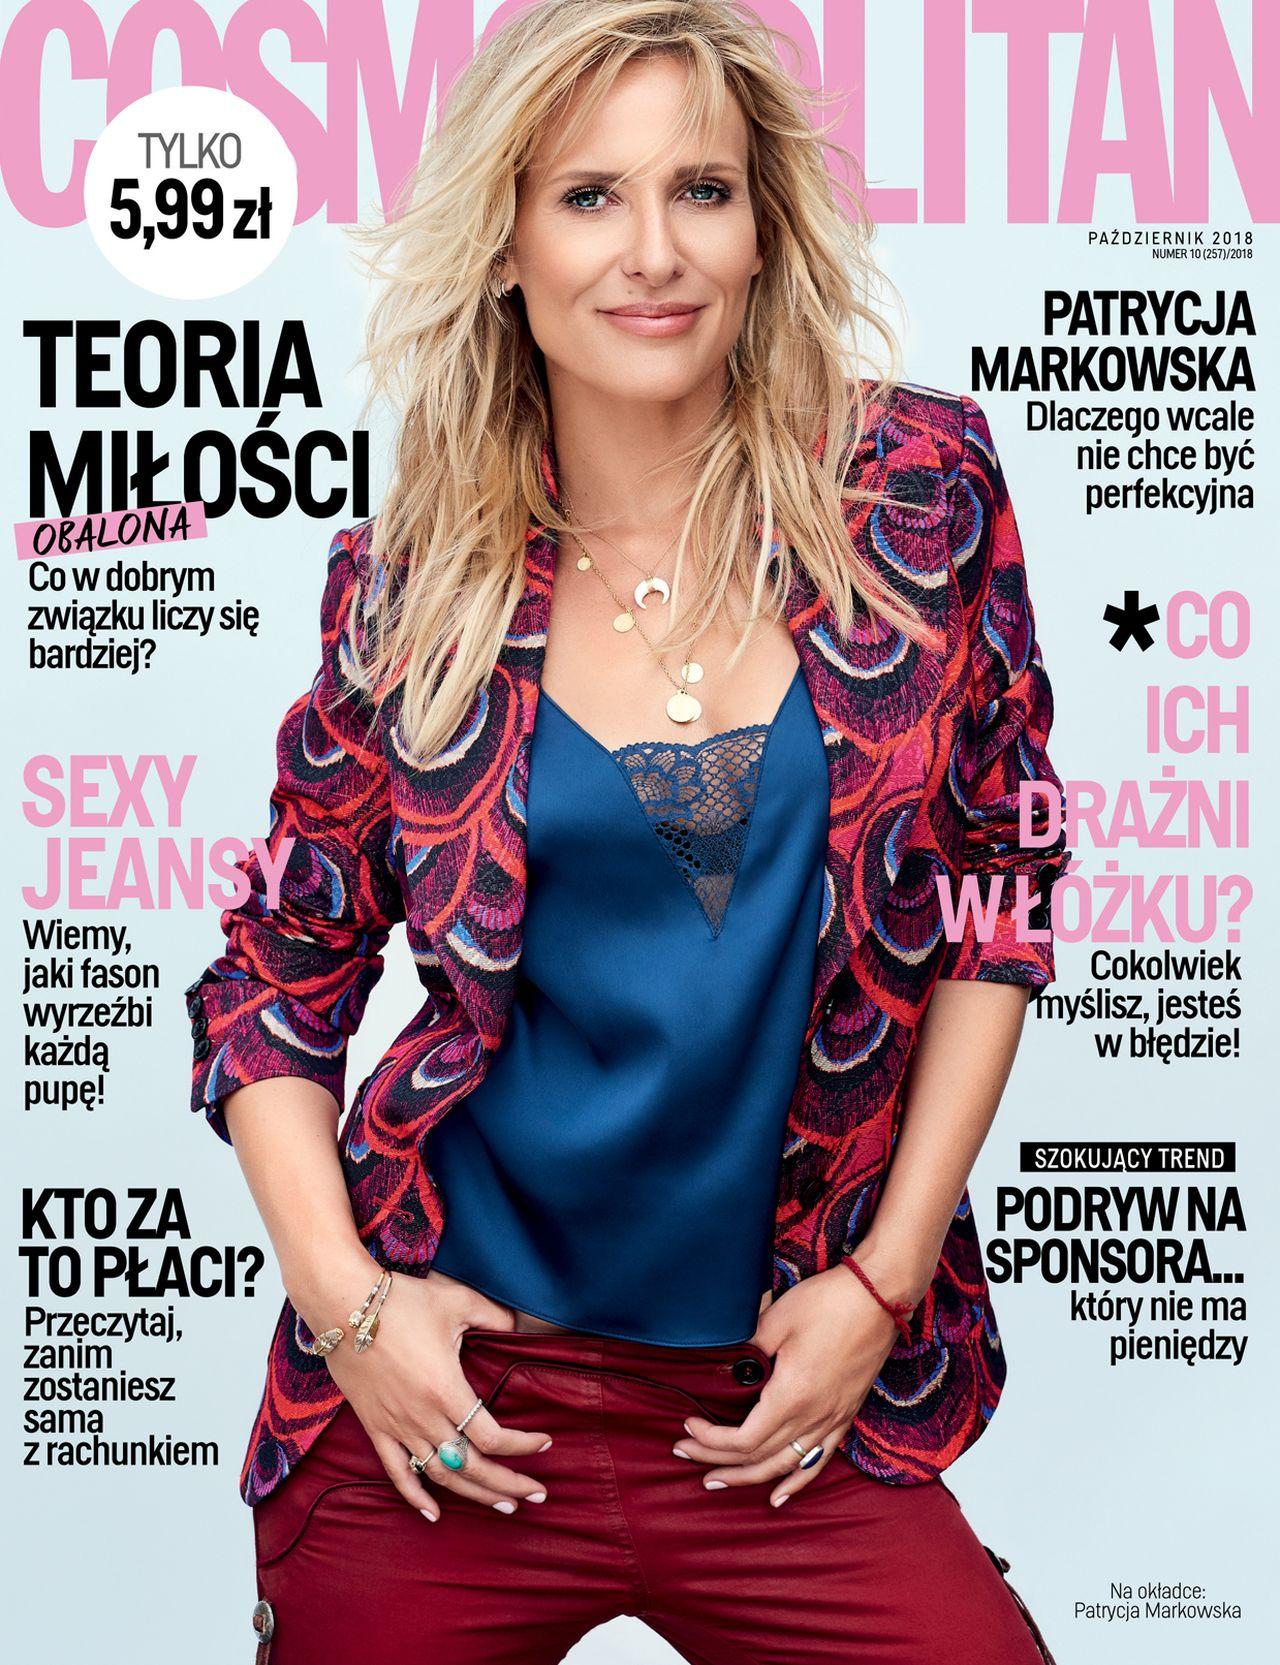 Patrycja Markowska w Cosmopolitan: Czułam się MAŁYM TROLLEM z Józefowa